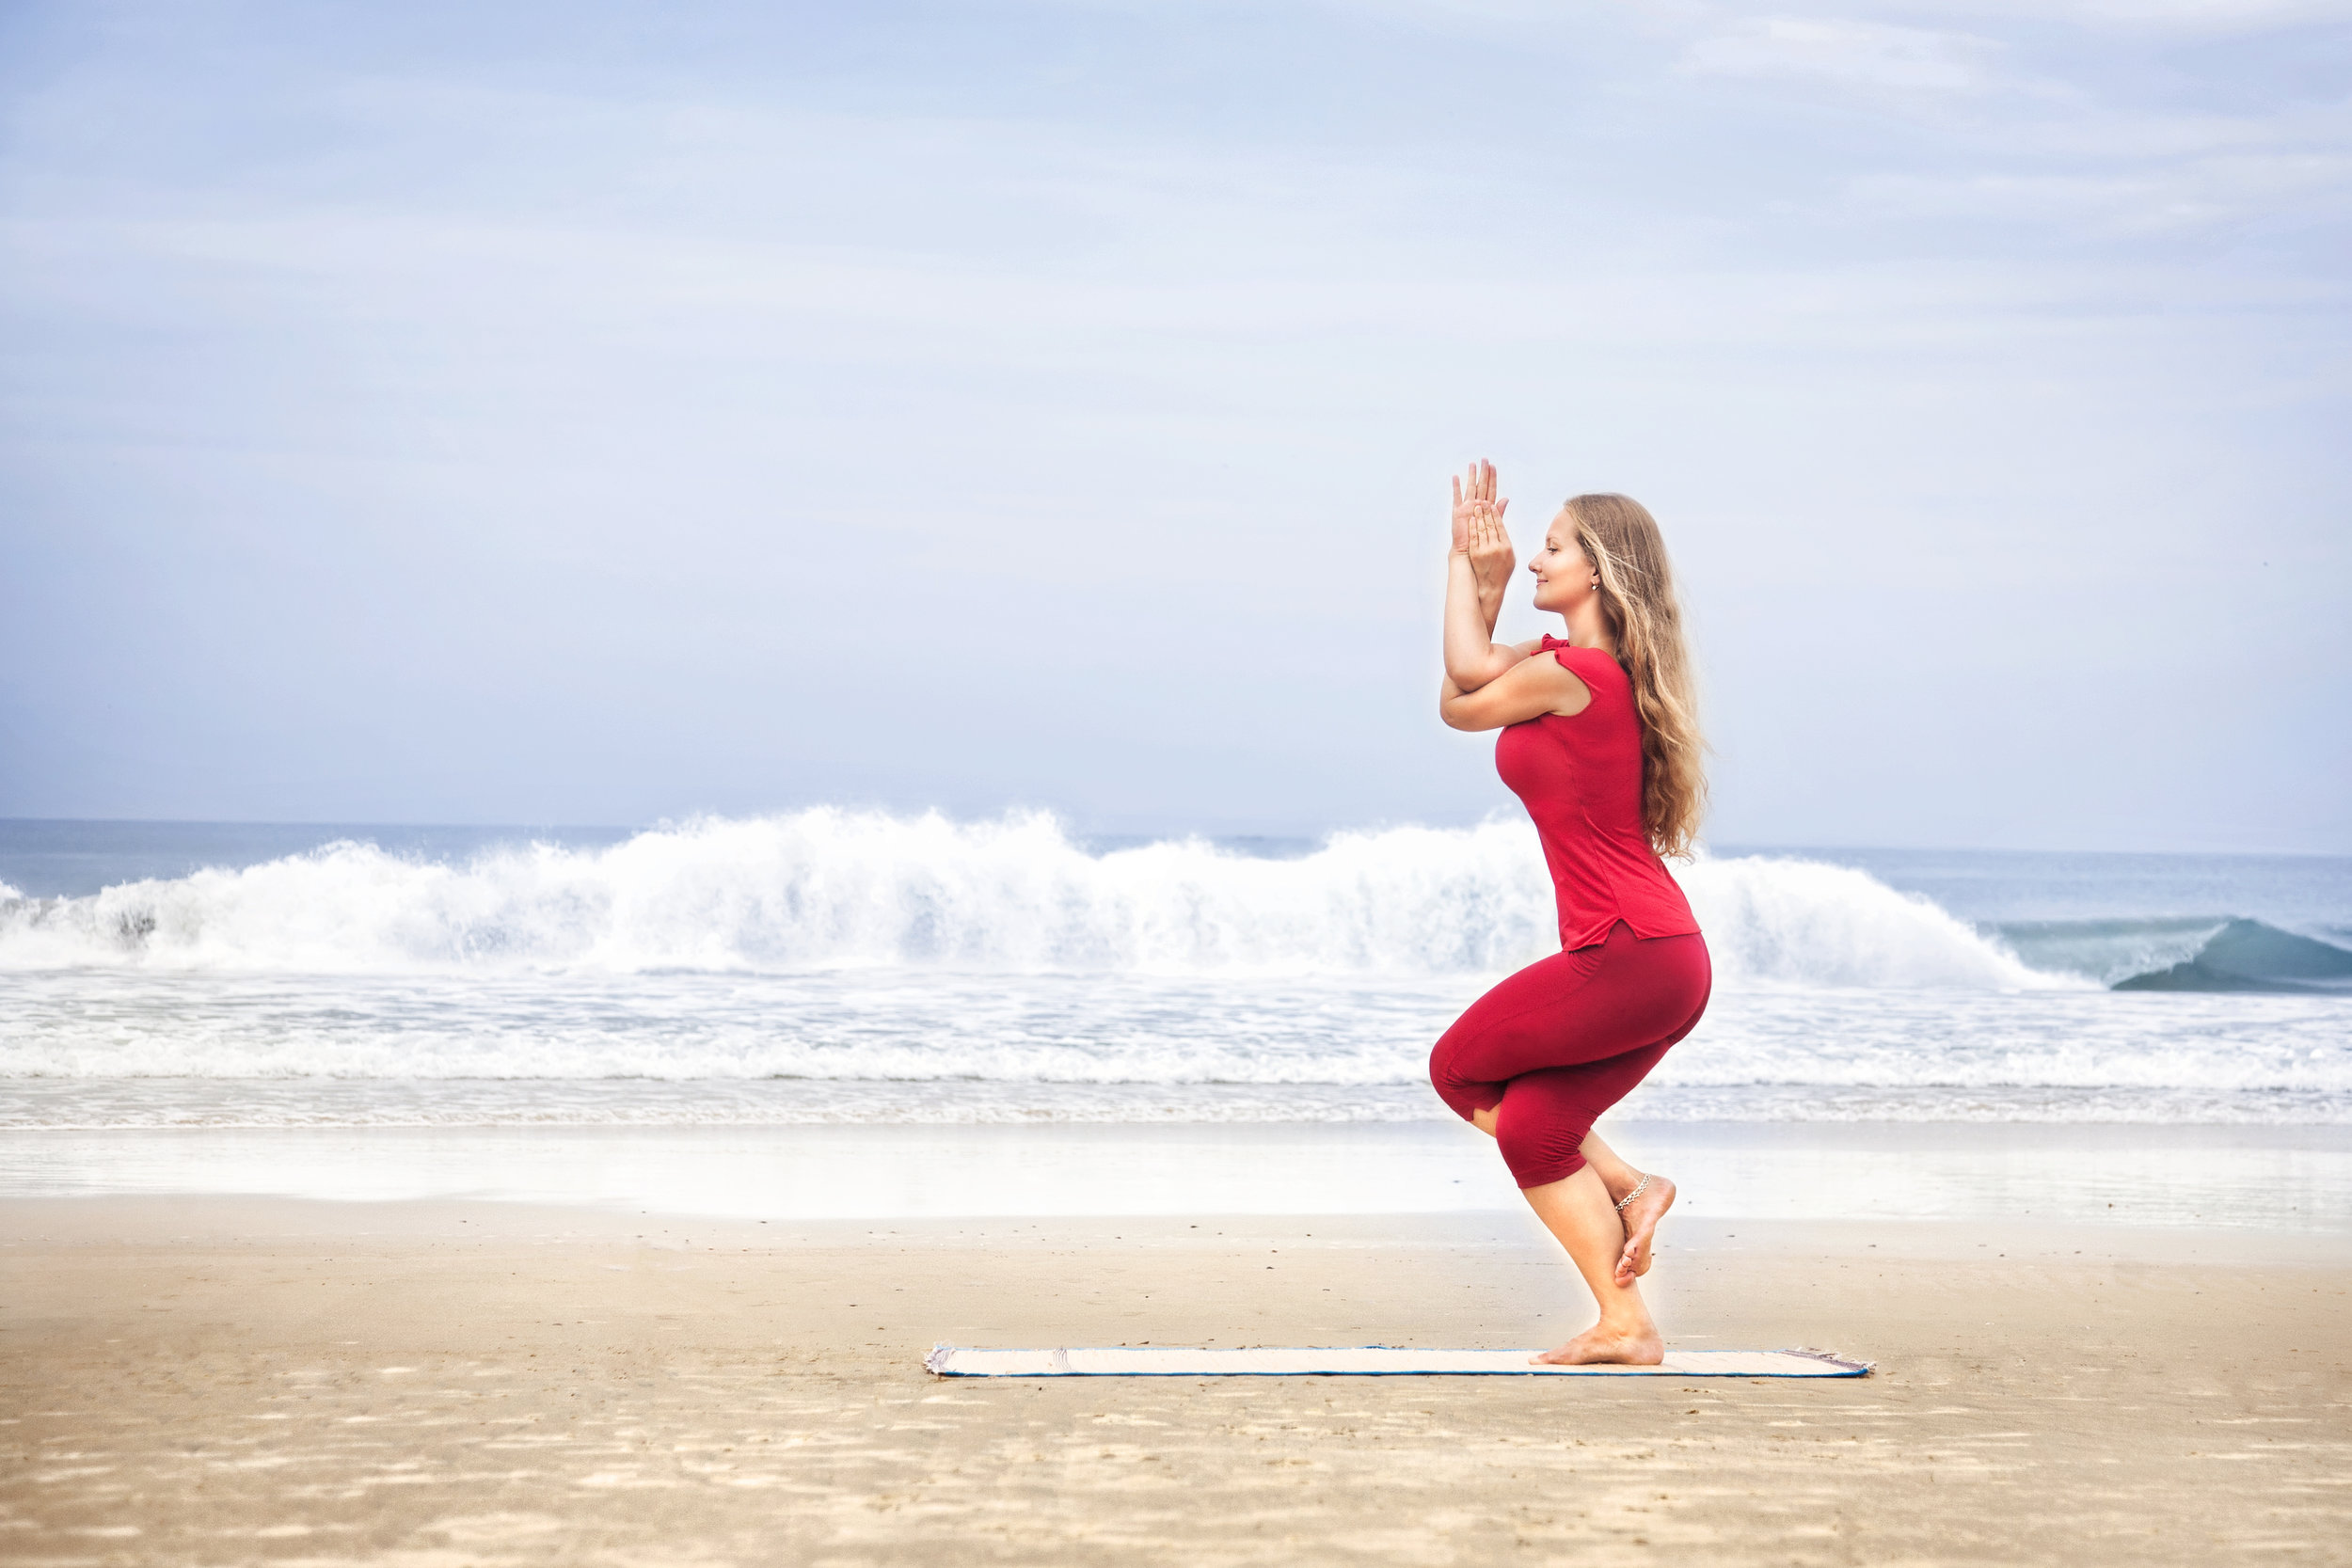 sivapura-ashtanga-yoga-course